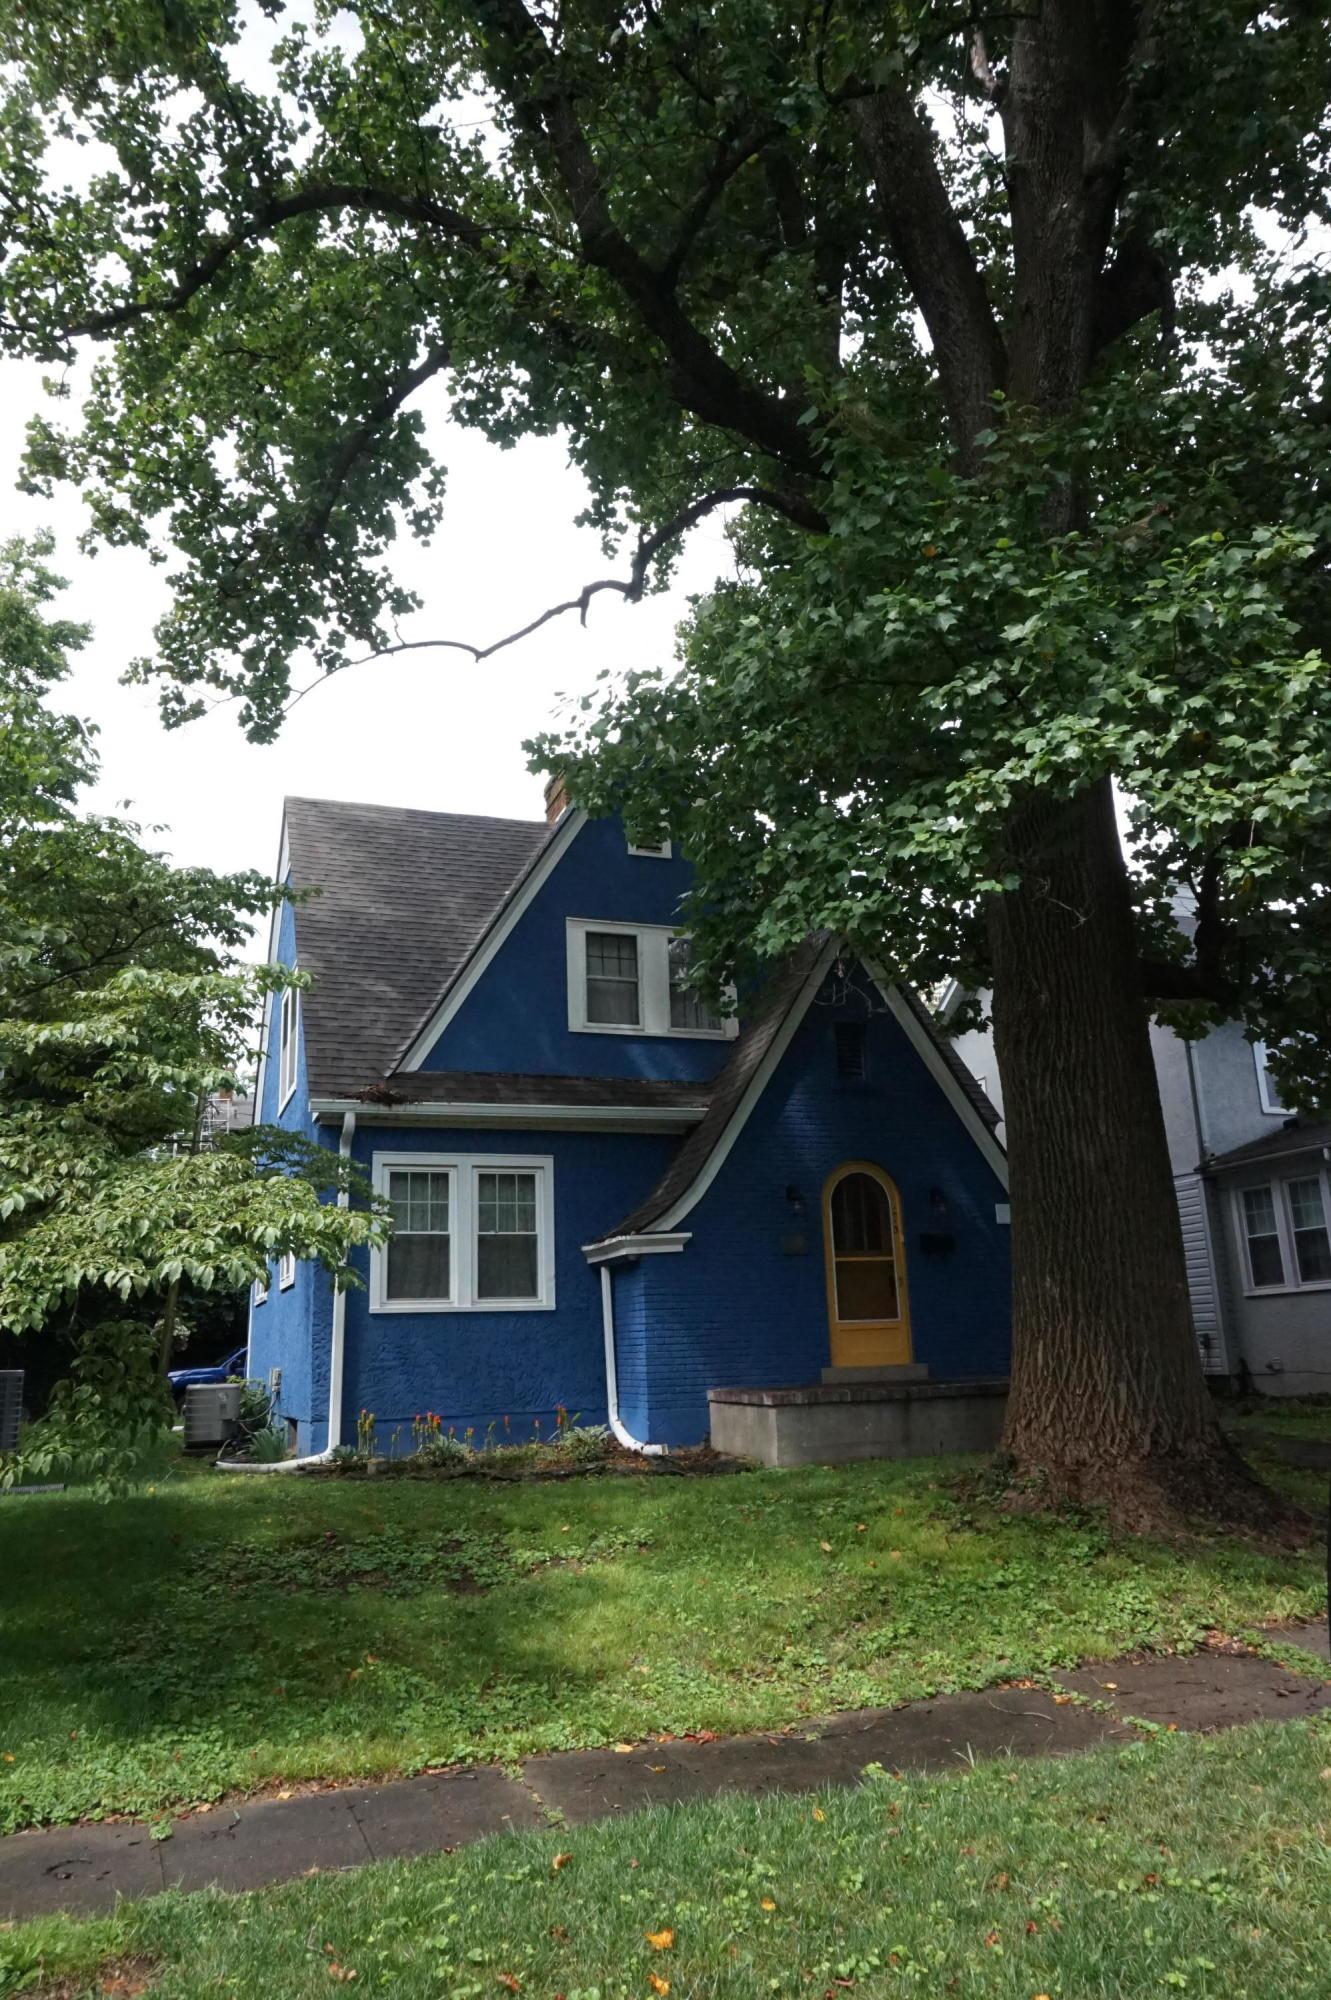 213 Terrace Court, Danville, Kentucky 40422, 2 Bedrooms Bedrooms, ,2 BathroomsBathrooms,Residential,For Sale,Terrace,20113867